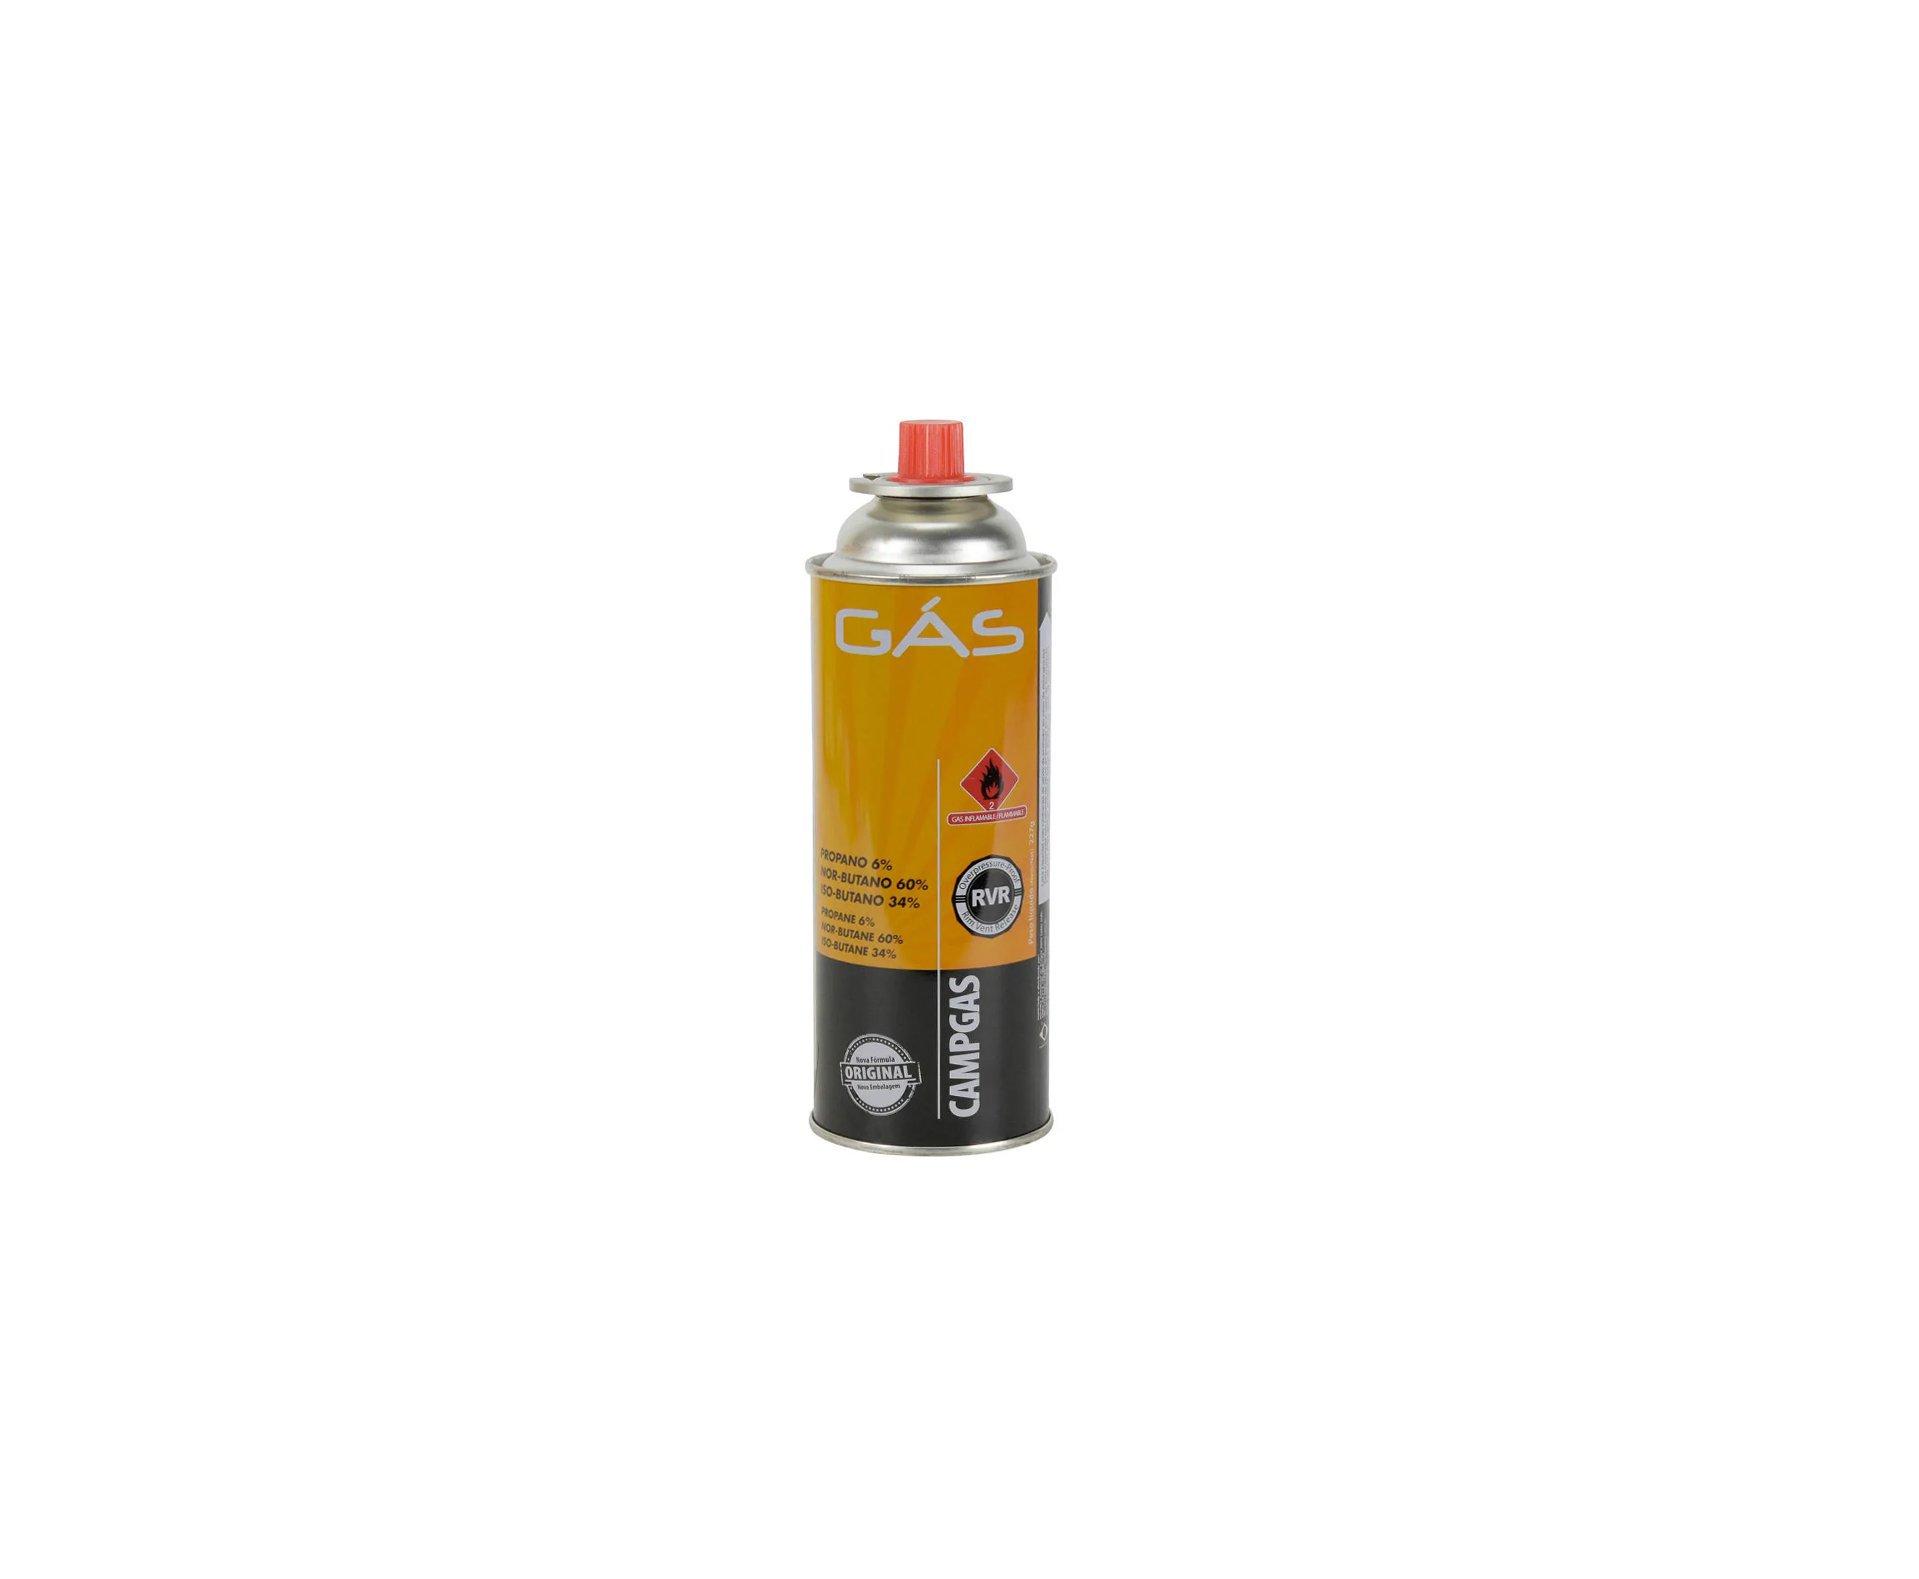 Refil Gas Para Fogareiro Campgas Com 4 Und - Nautika